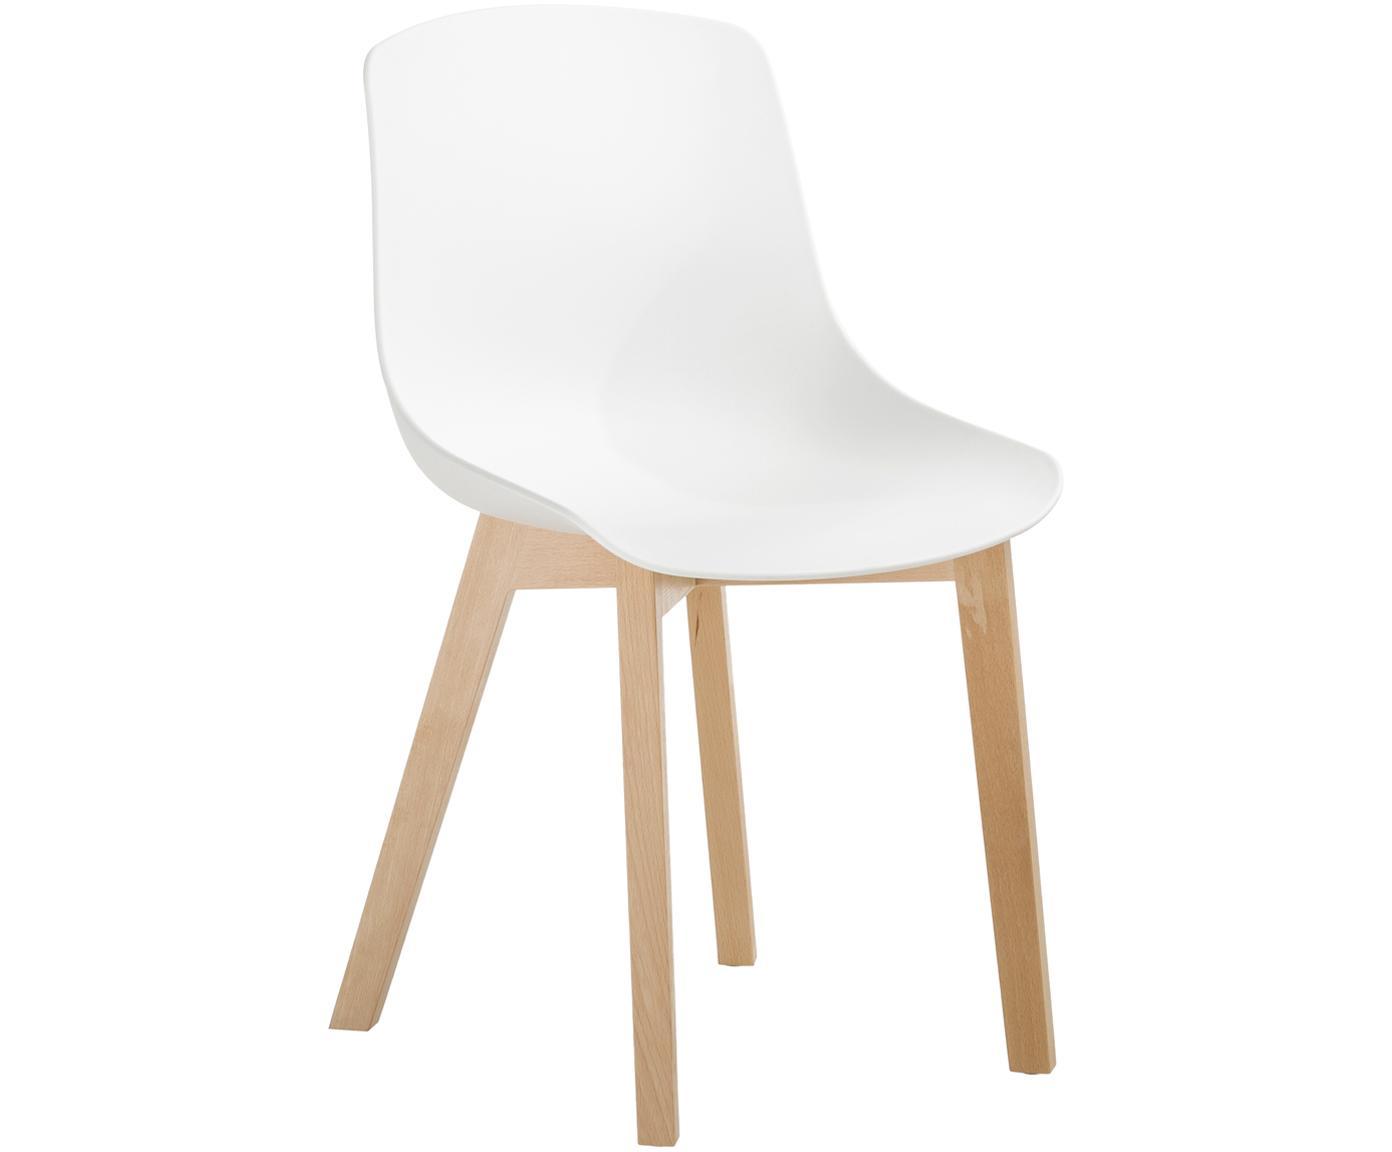 Krzesło z tworzywa sztucznego Joe, 2 szt., Nogi: drewno bukowe, Biały, S 46 x W 82 cm